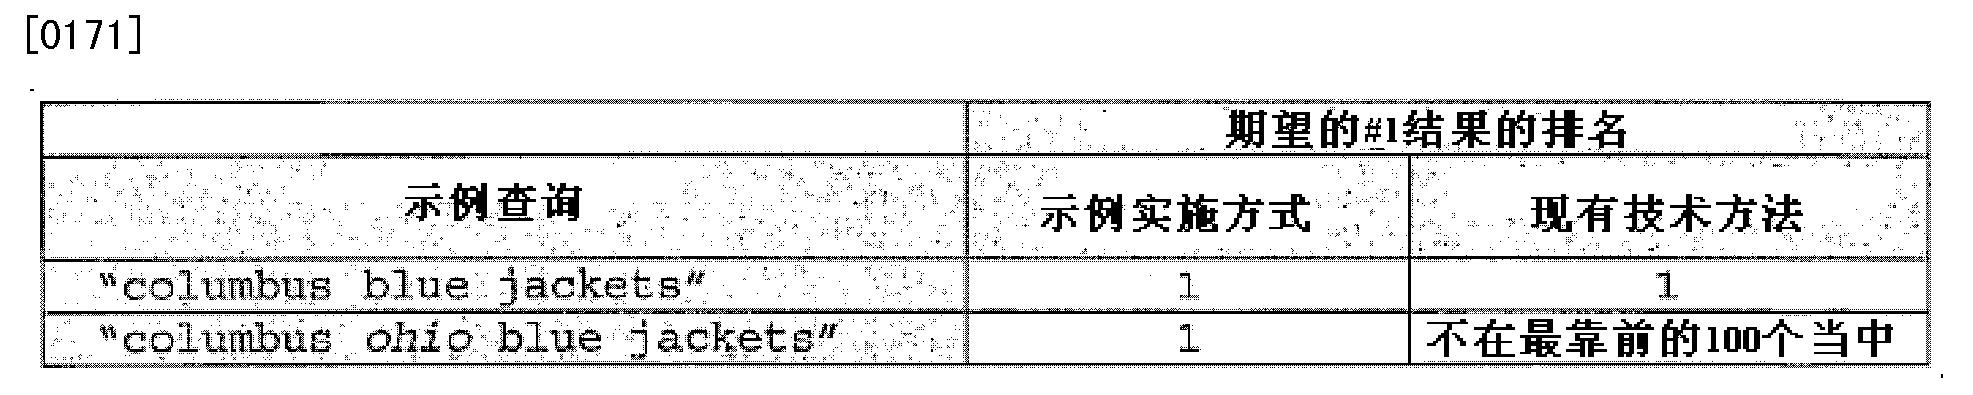 Figure CN102354313BD00241